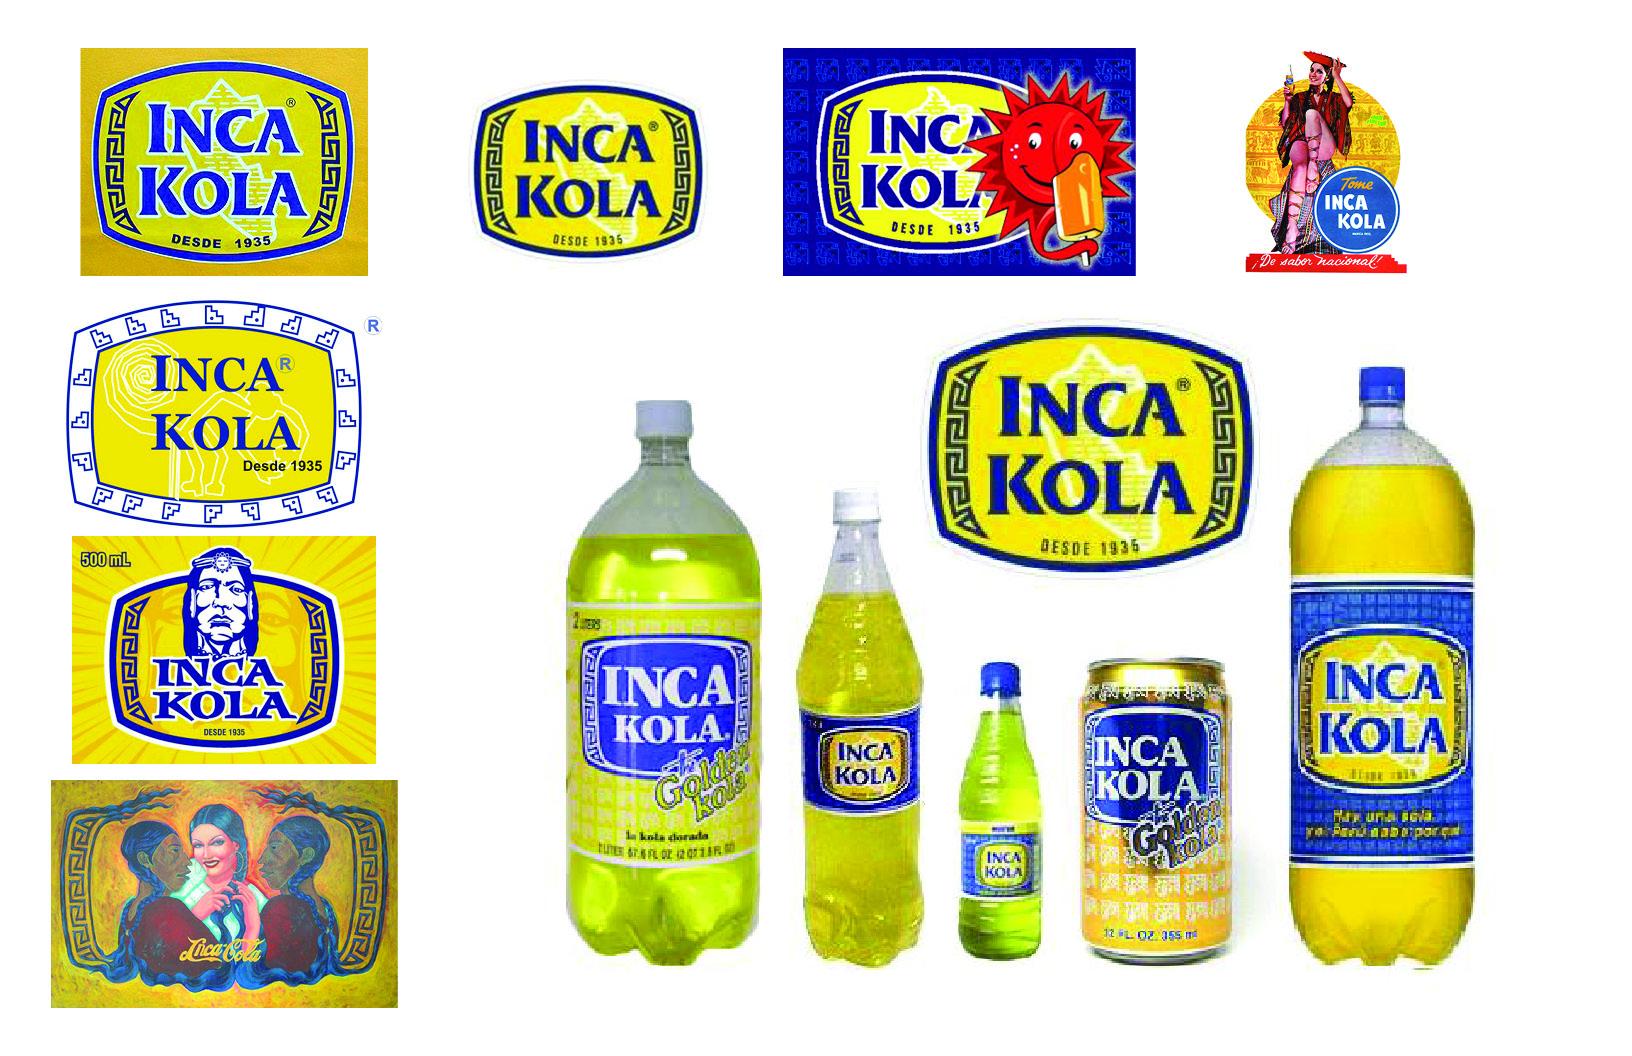 Incacola clipart #6